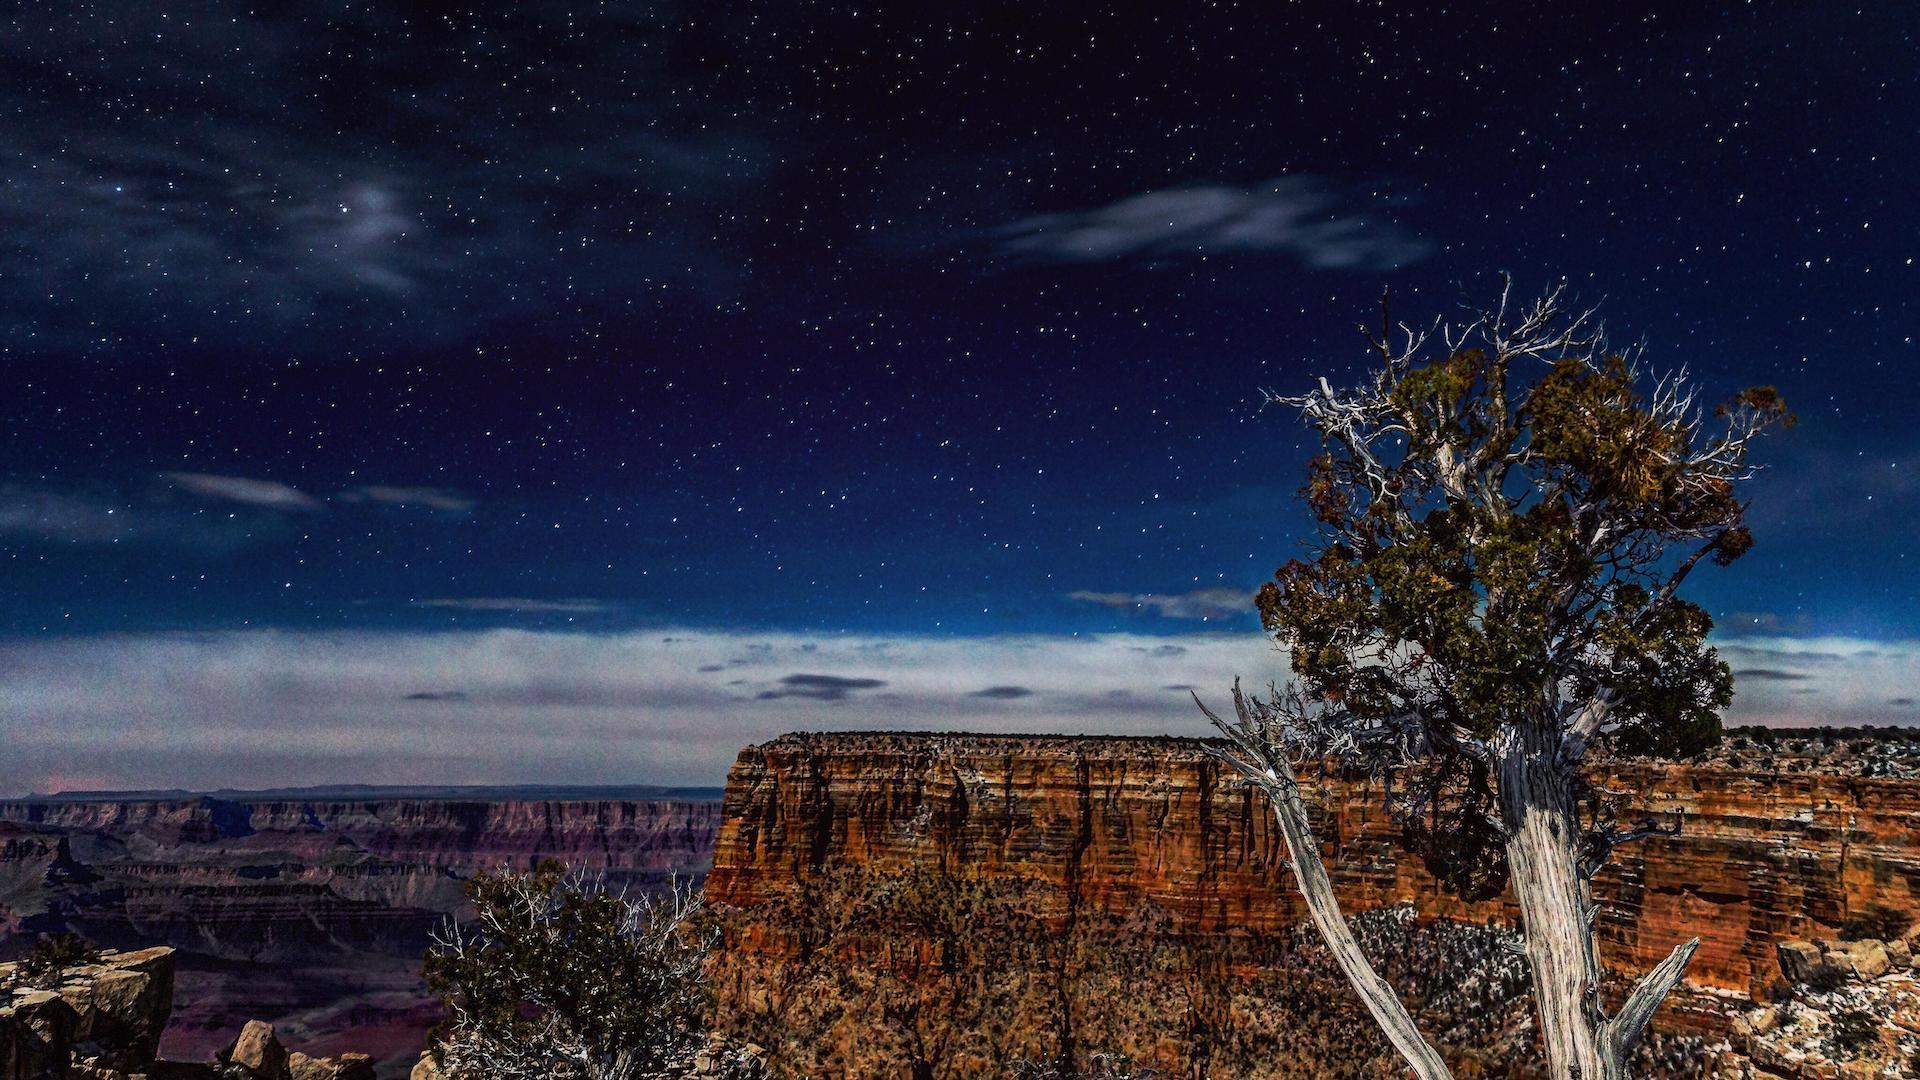 El Gran Cañón del Colorado se convirtió en un parque ideal para ver las estrellas